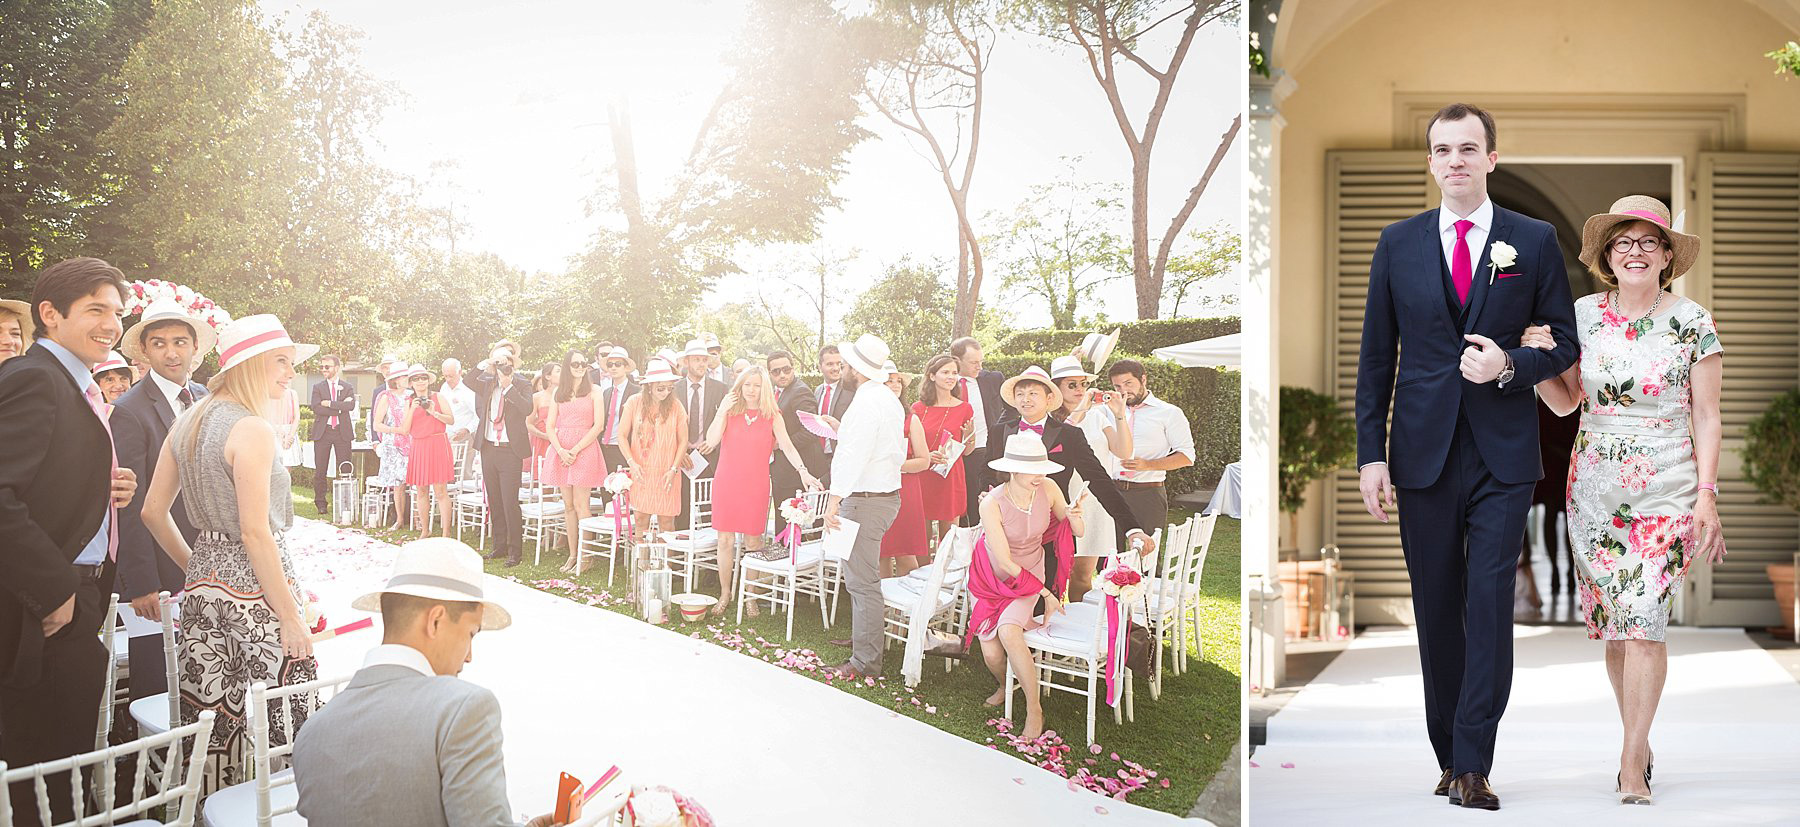 WeddingLauraAntoine-043